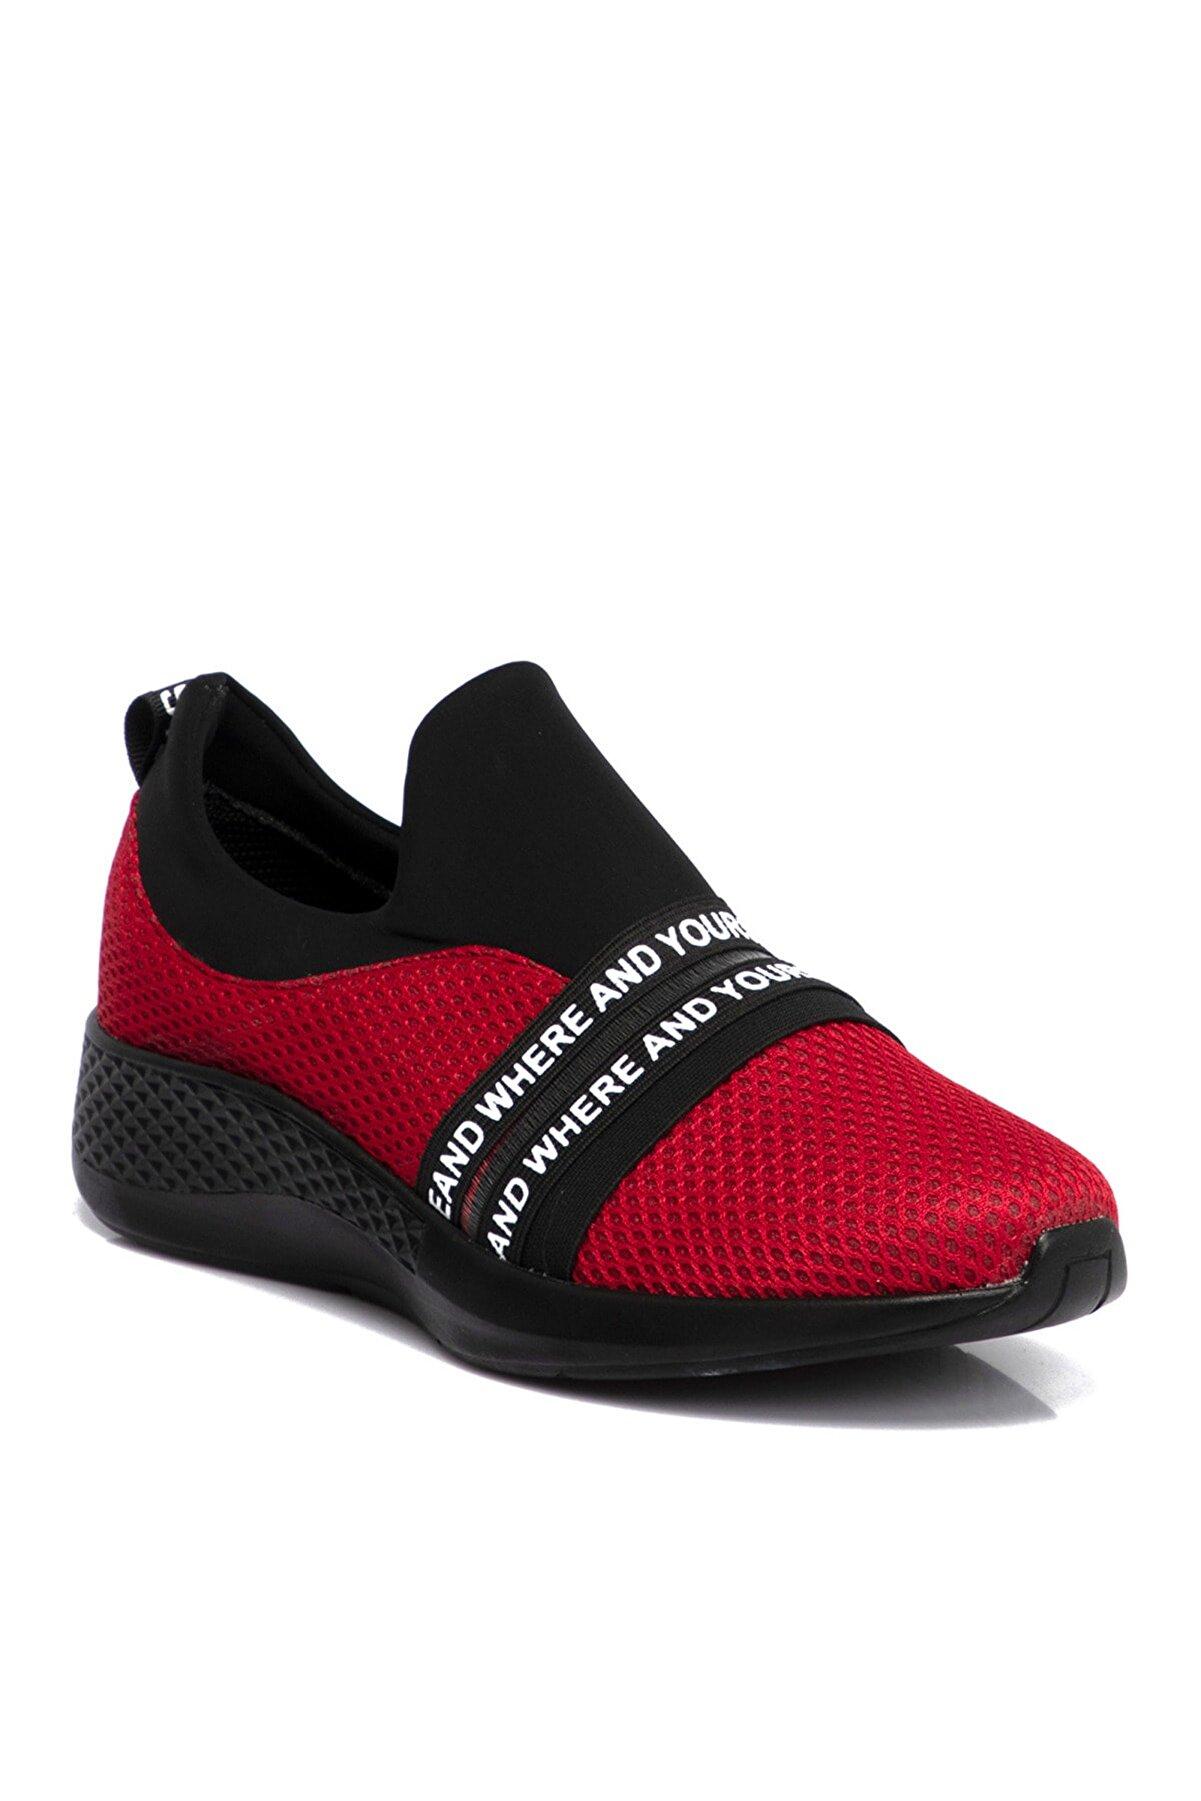 Teryy Kırmızı Tekstil Kadın Ayakkabı 210090d64